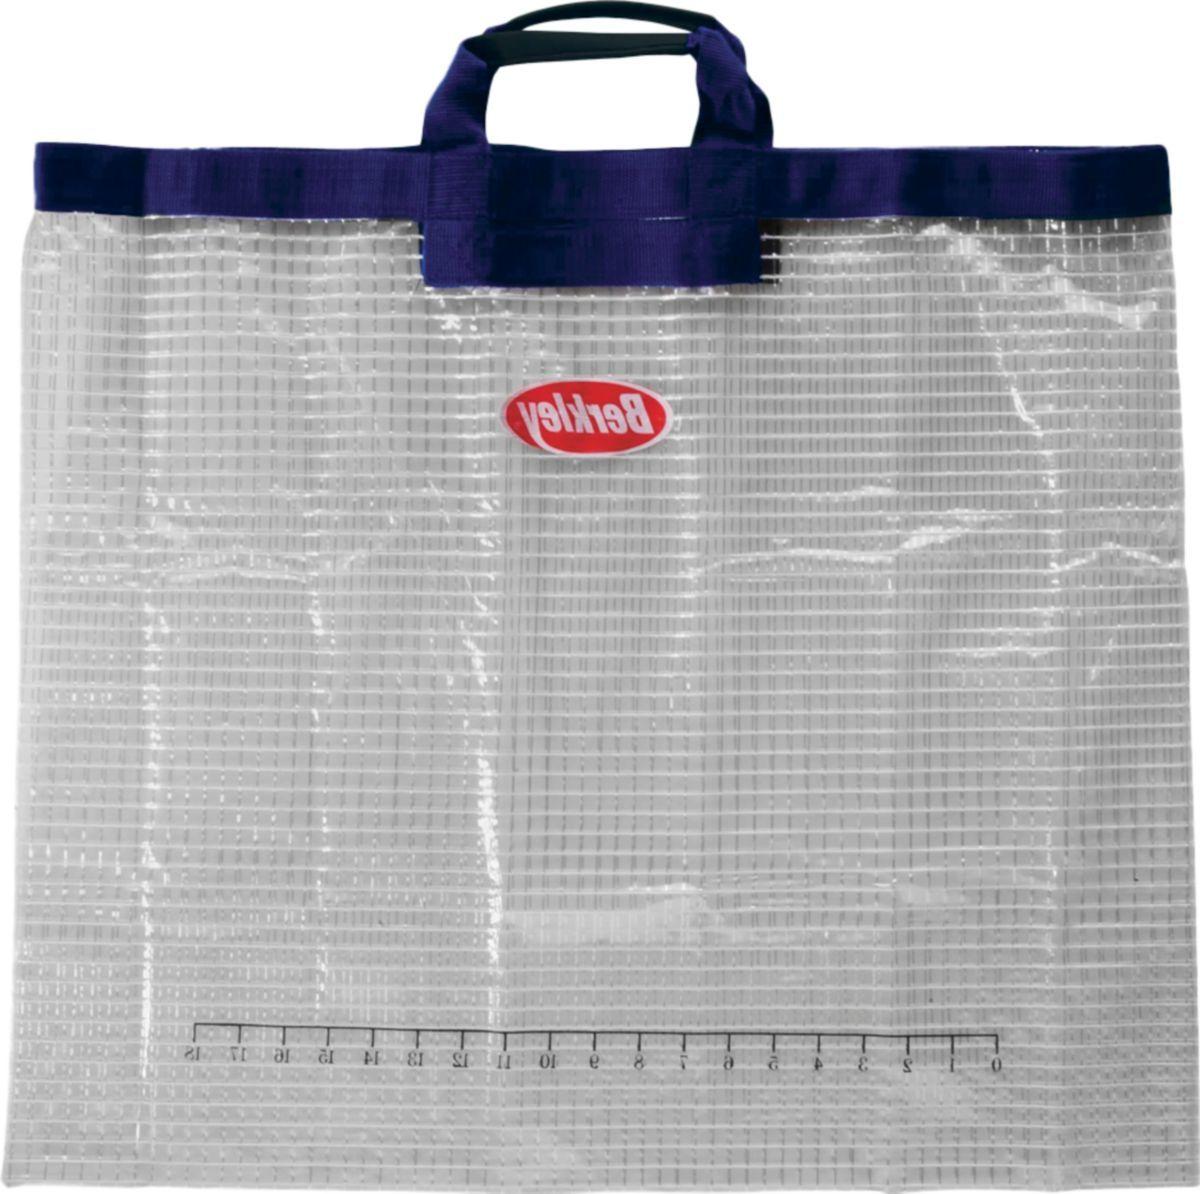 Berkley® Weigh Bag